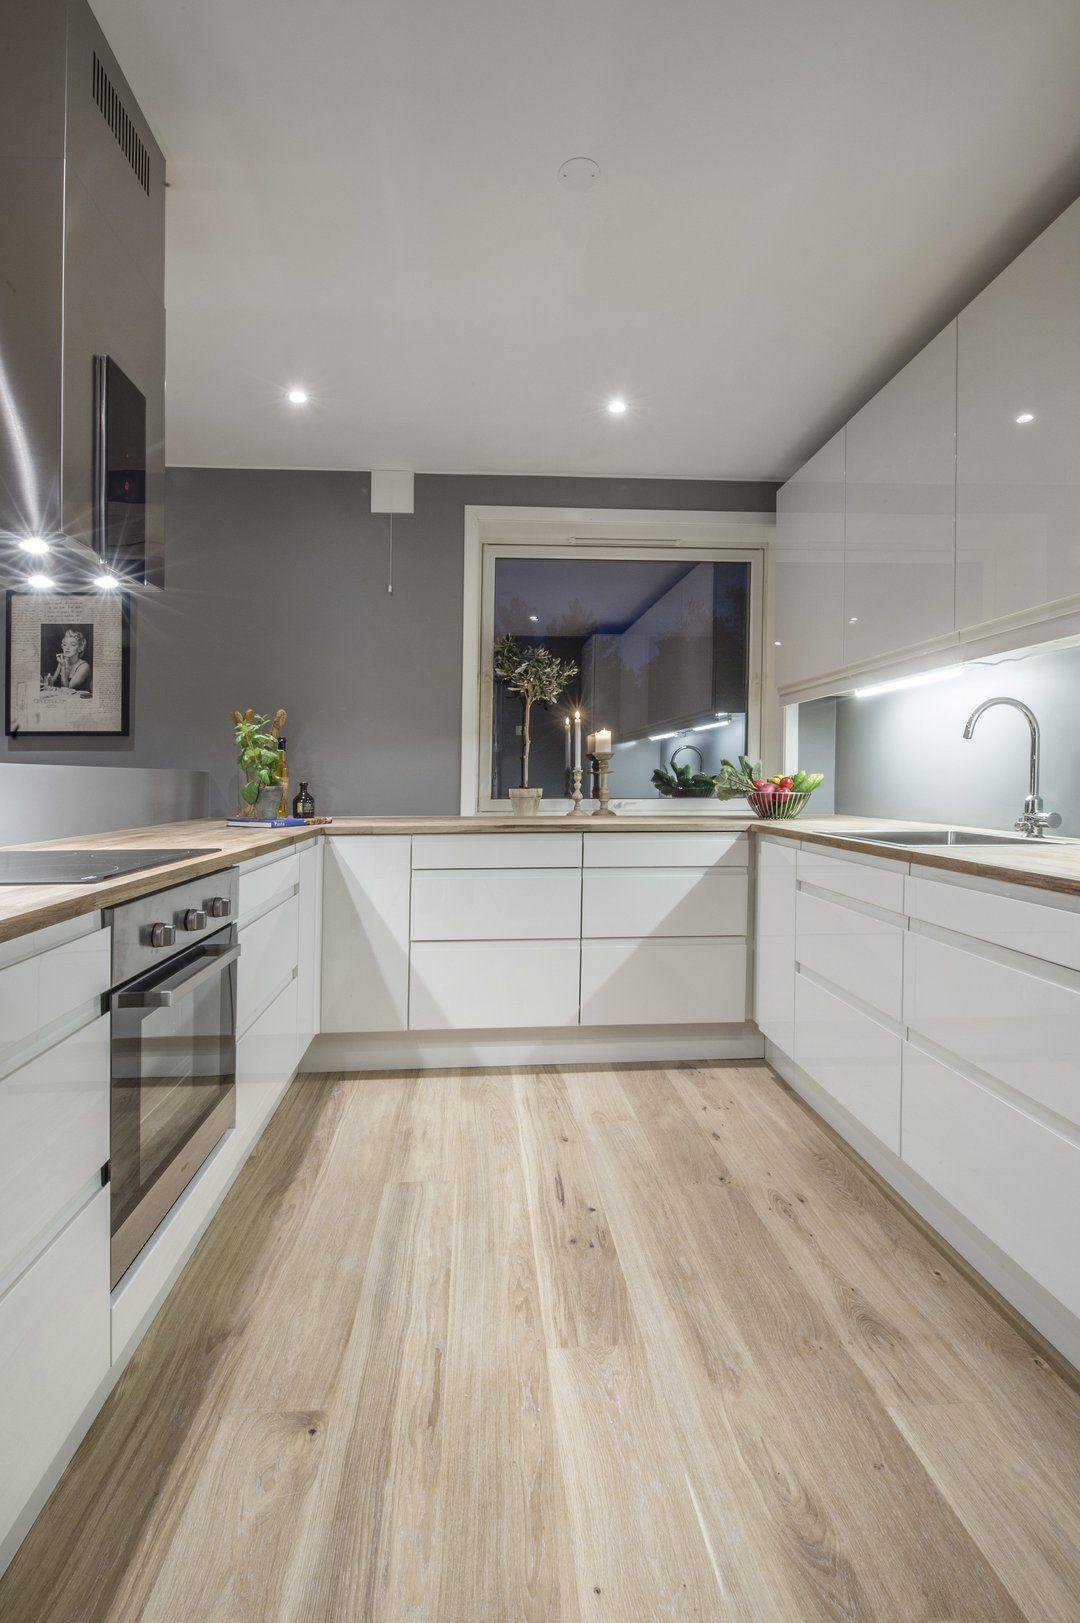 Plan de travail en bois pour cette cuisine moderne for Agencement cuisine nice